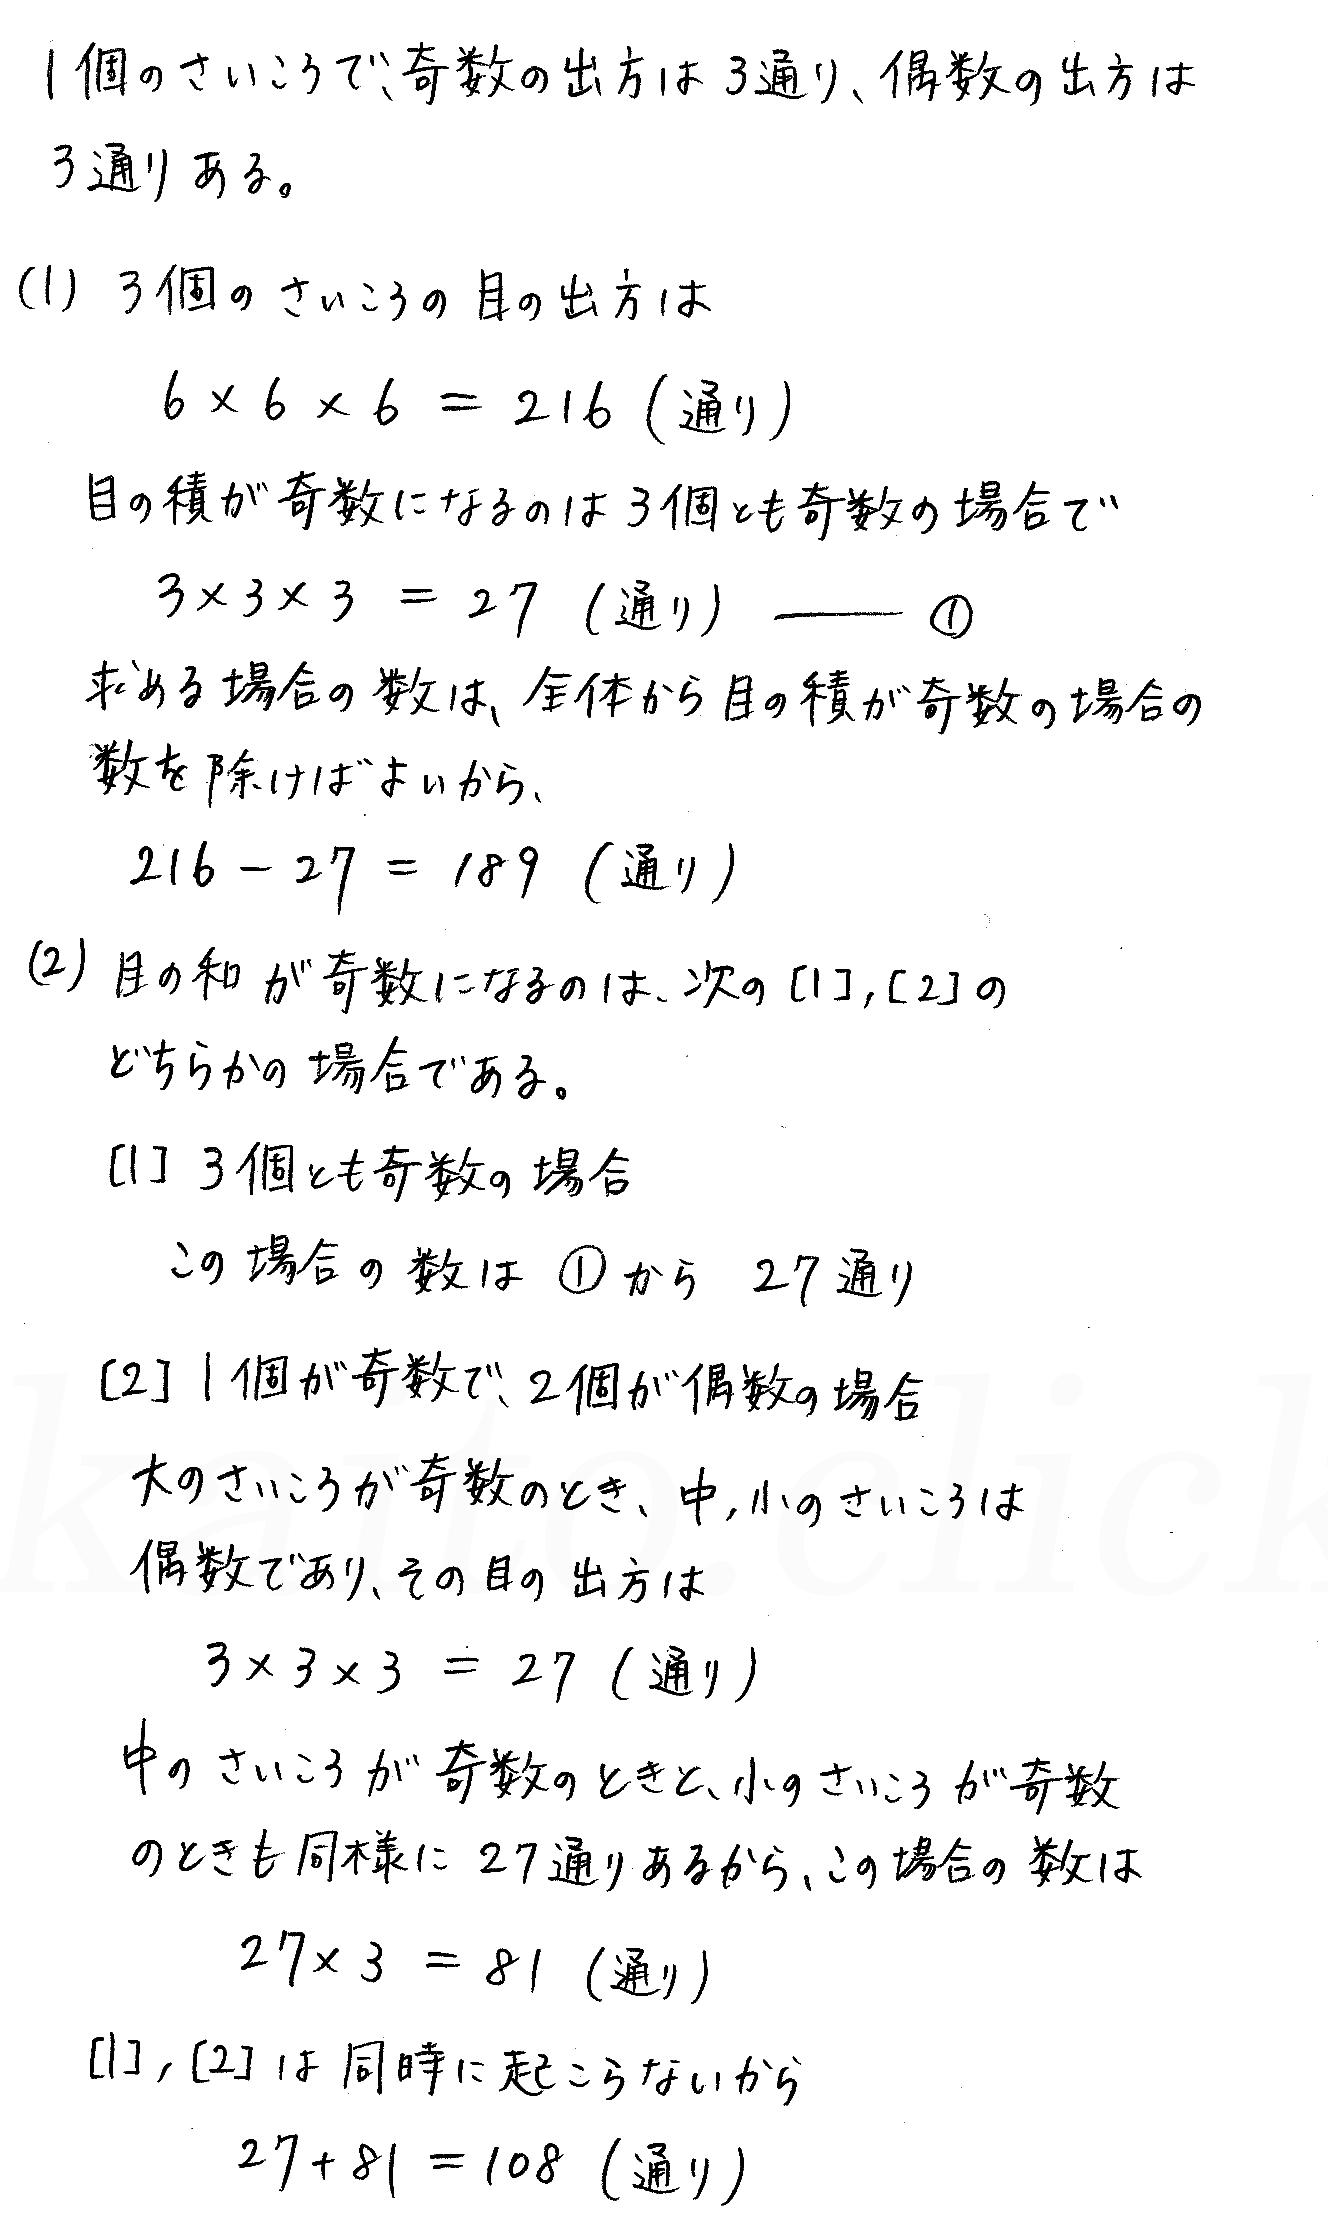 クリアー数学A-38解答